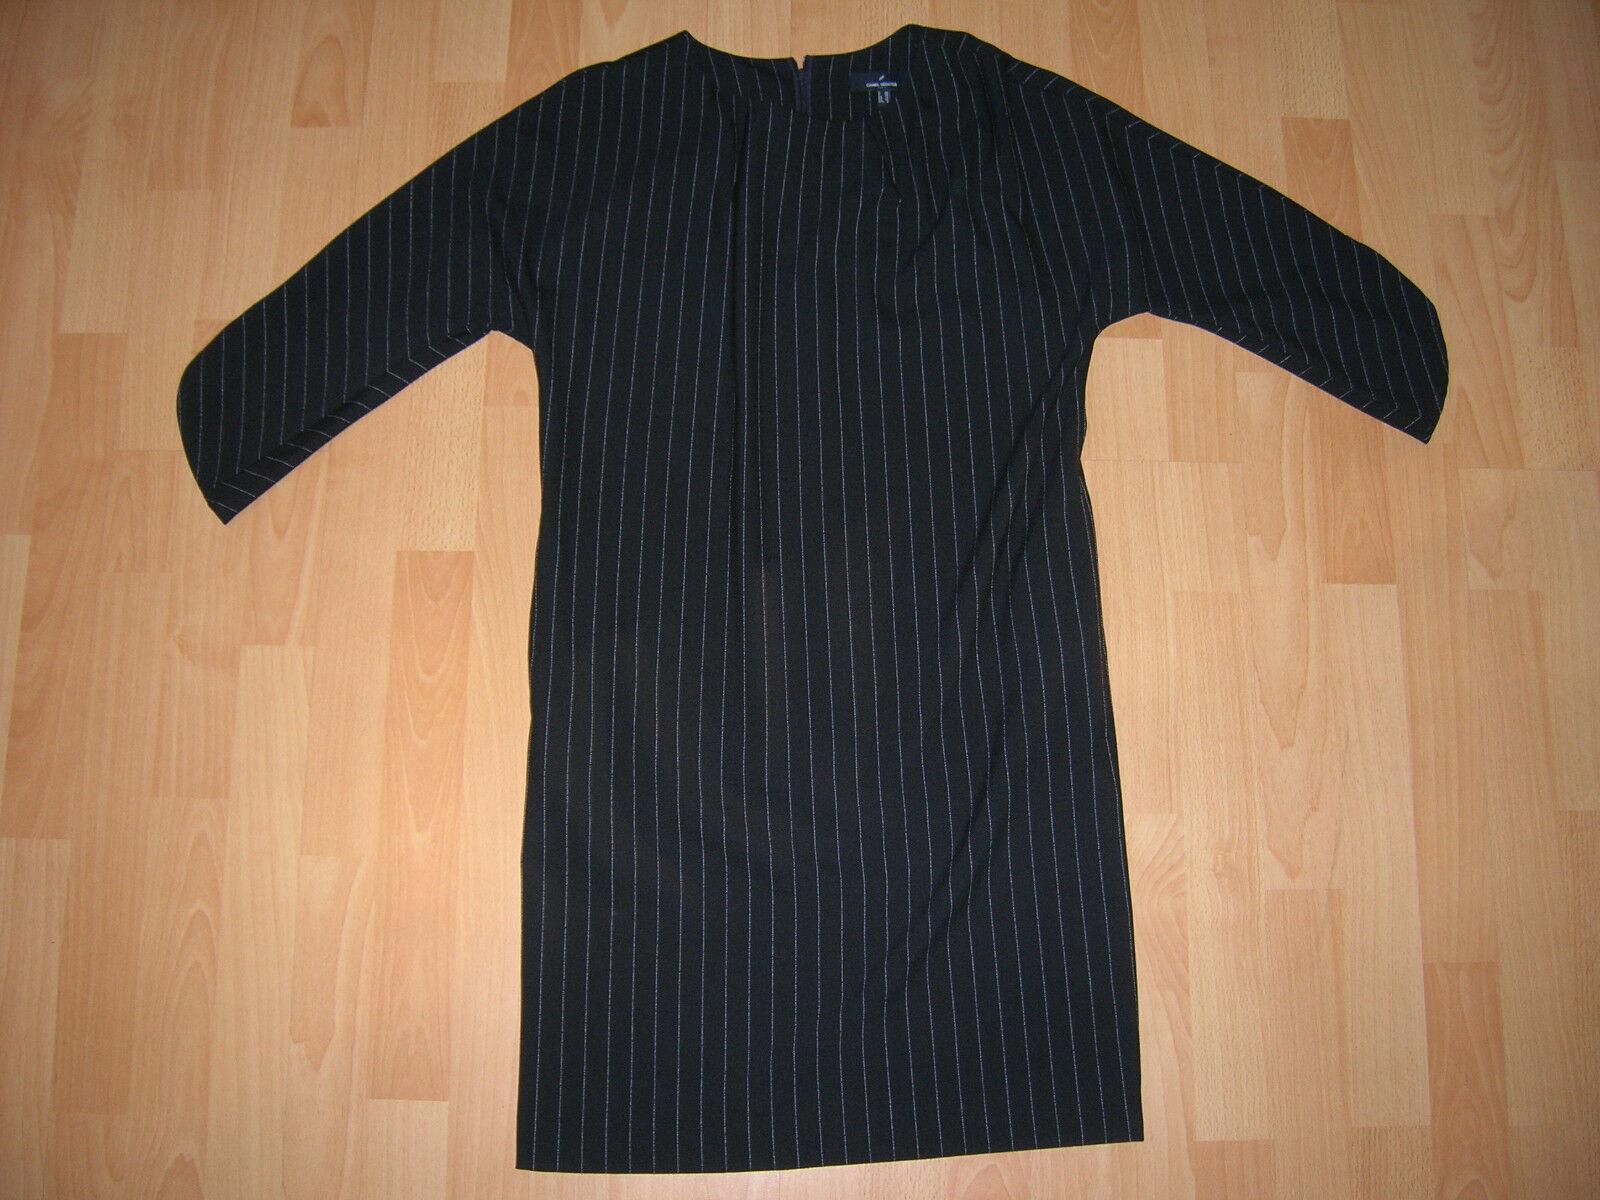 NEU - Tolles schwarzes Kleid mit Streifen von Daniel Hechter Gr. 36